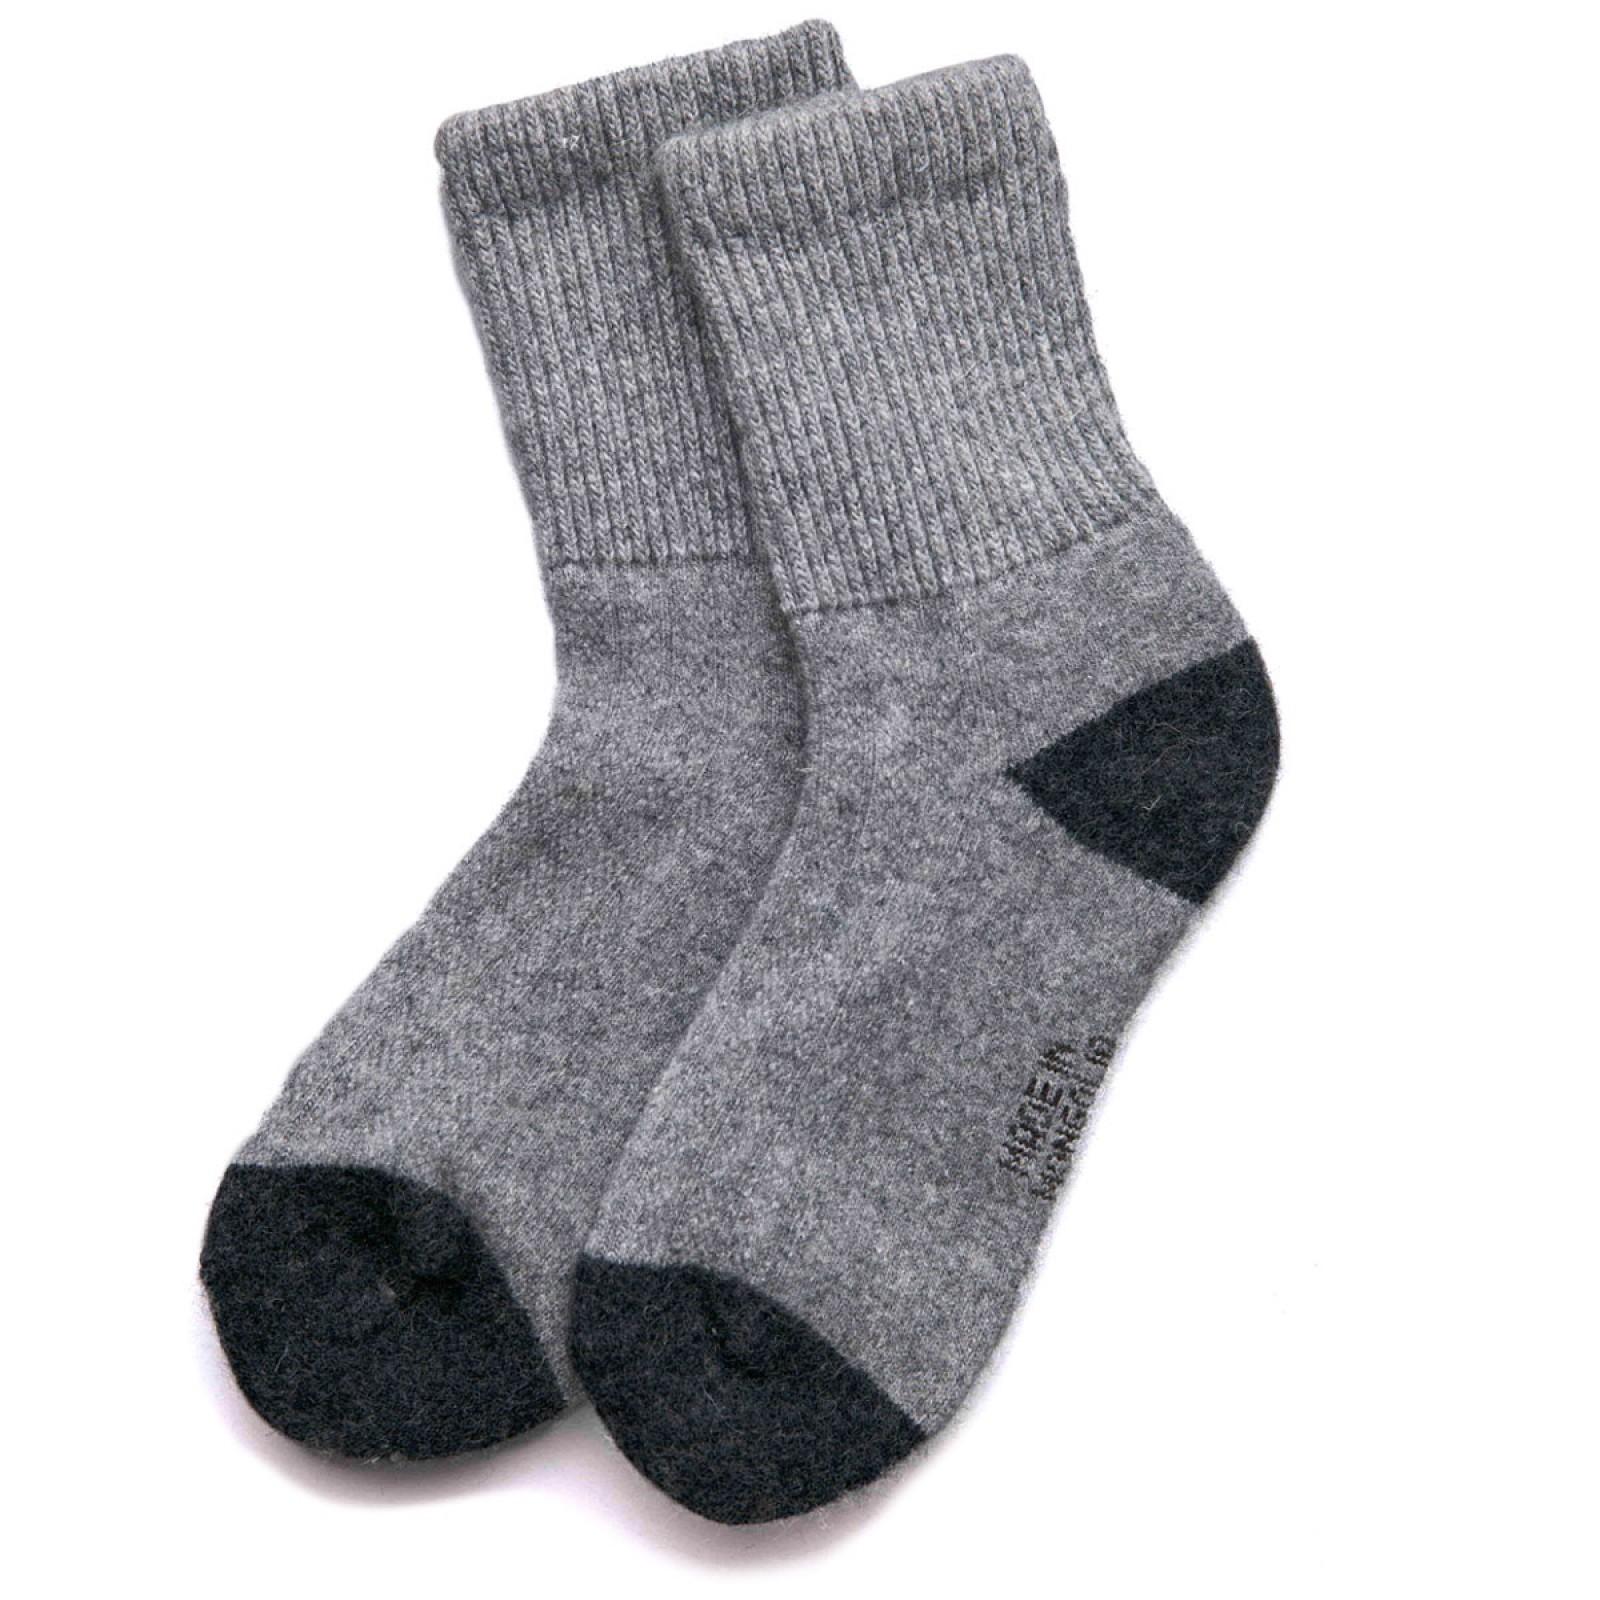 Носки взрослые из монгольской шерсти яка серые